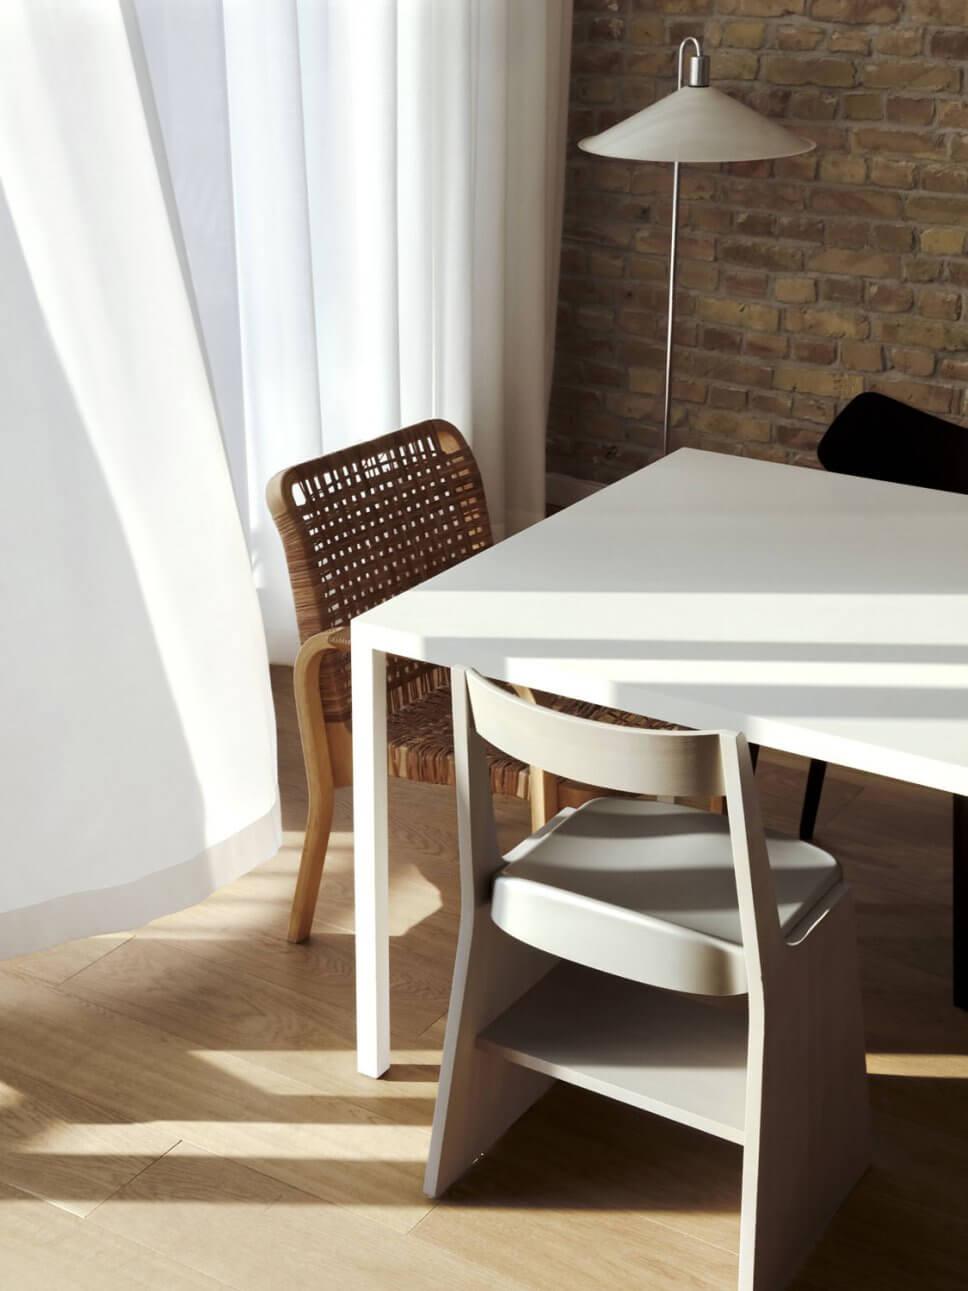 Modernes Esszimmer mit Backsteinwand, Esstisch und unterschiedlichen Stühlen